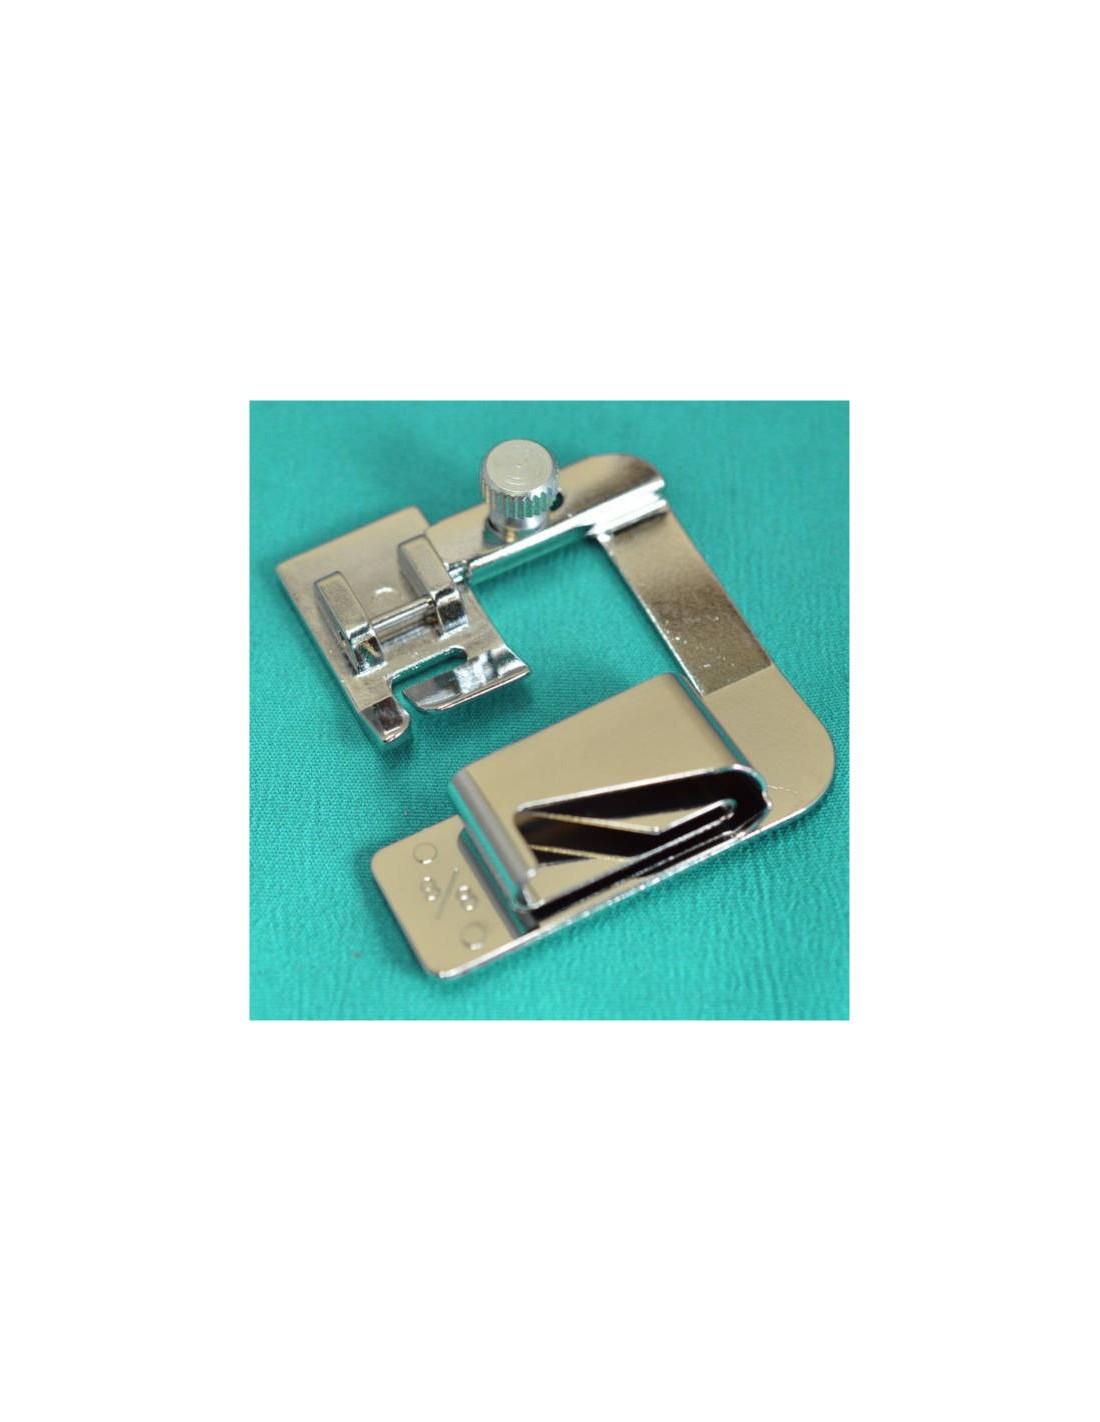 Piedino orlatore 25 mm per macchine da cucire macchine for Trony macchine da cucire